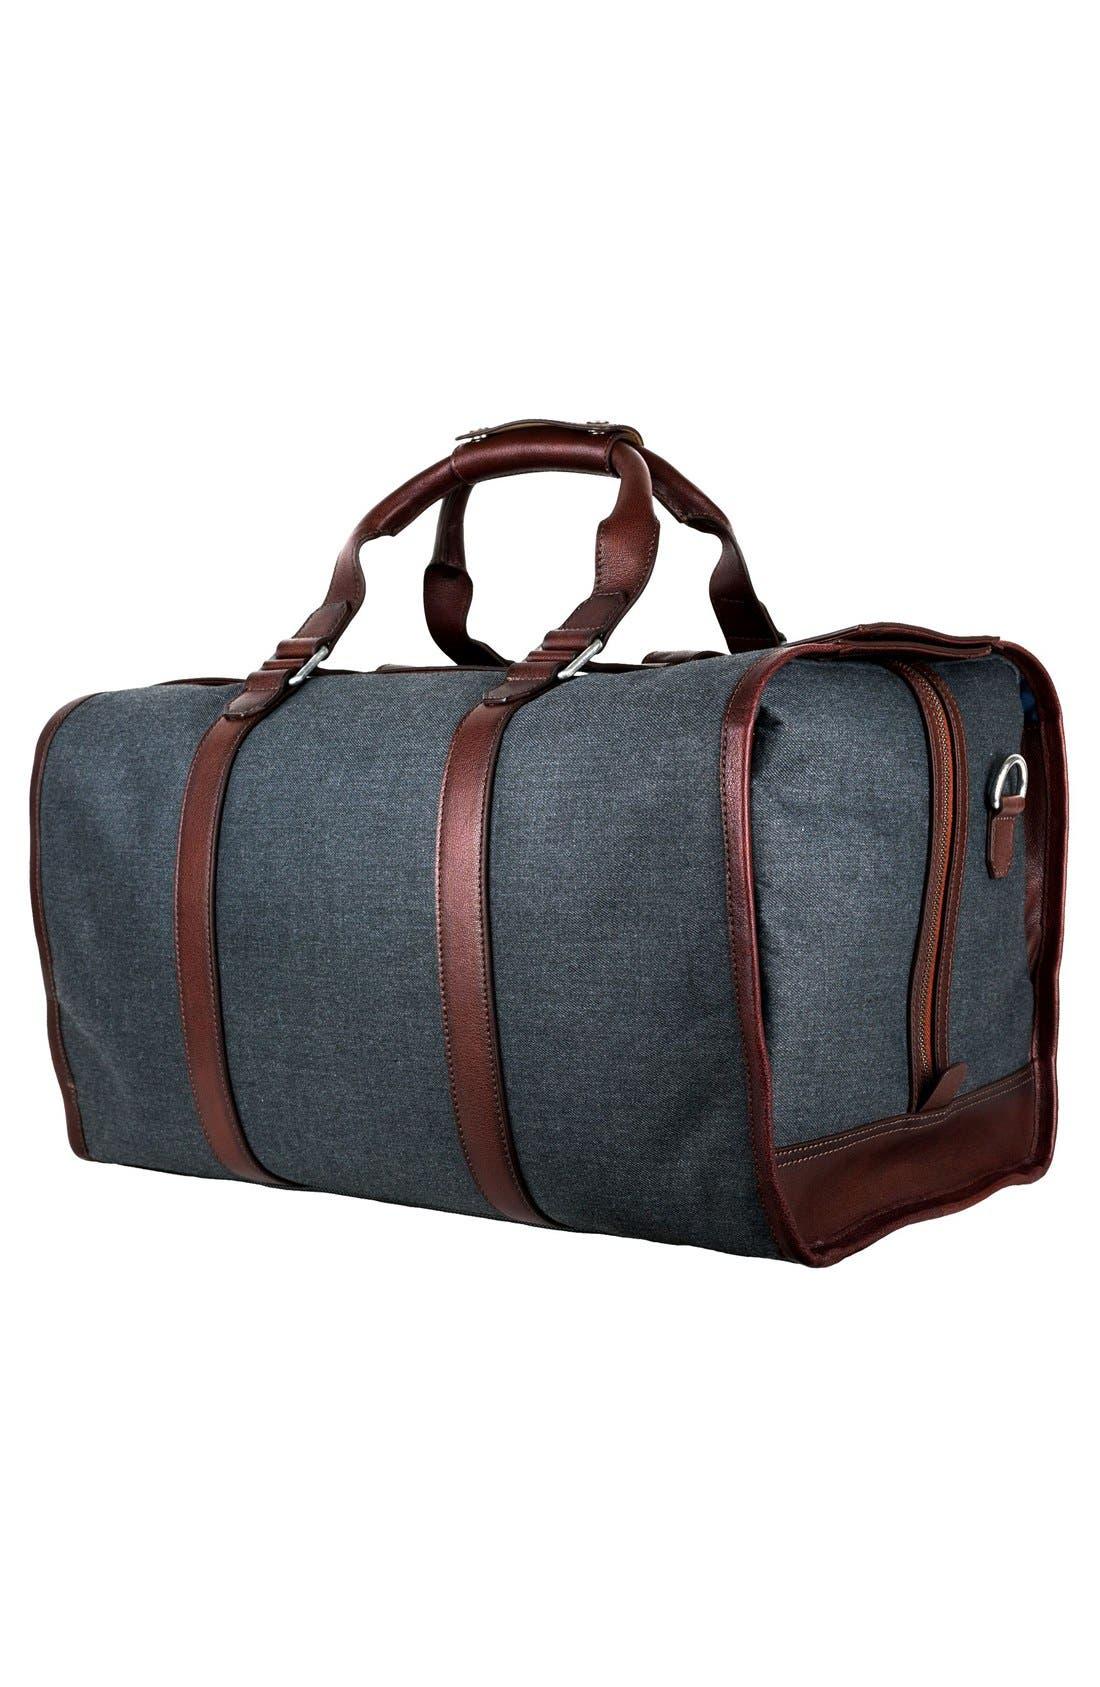 'Grafton' Duffel Bag,                             Alternate thumbnail 2, color,                             Grey